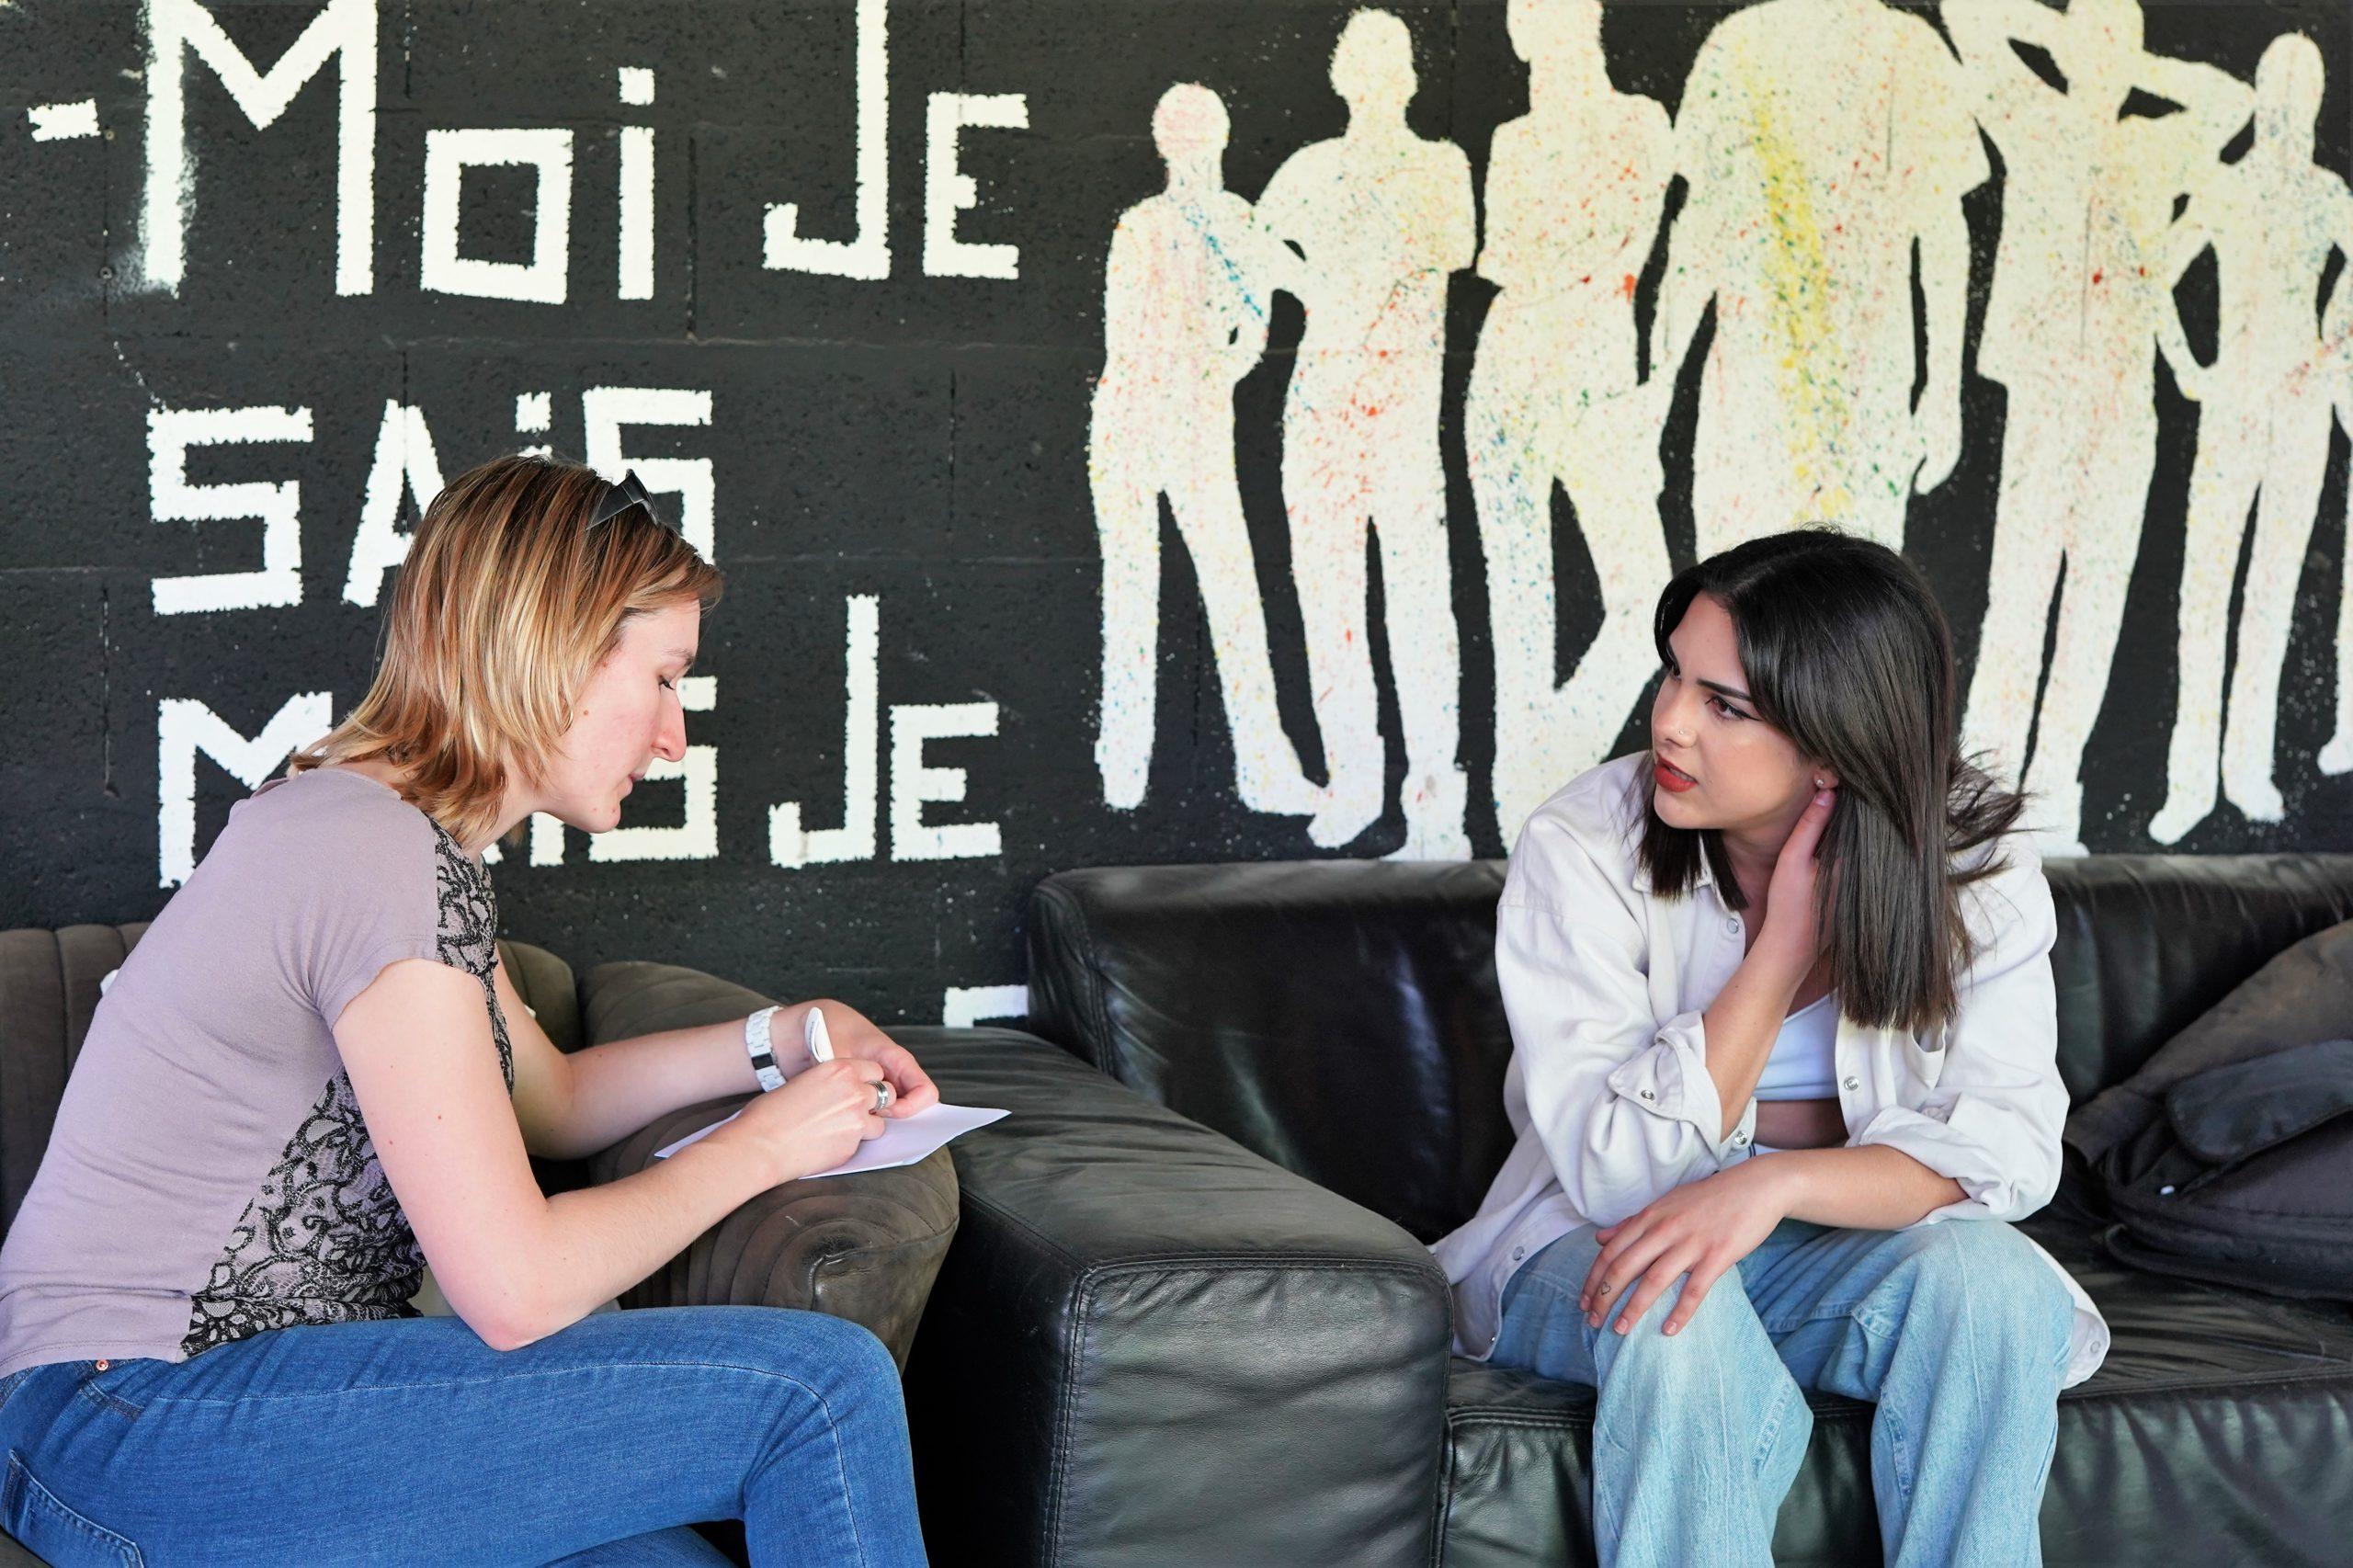 Le centre des jeunes comme seconde maison